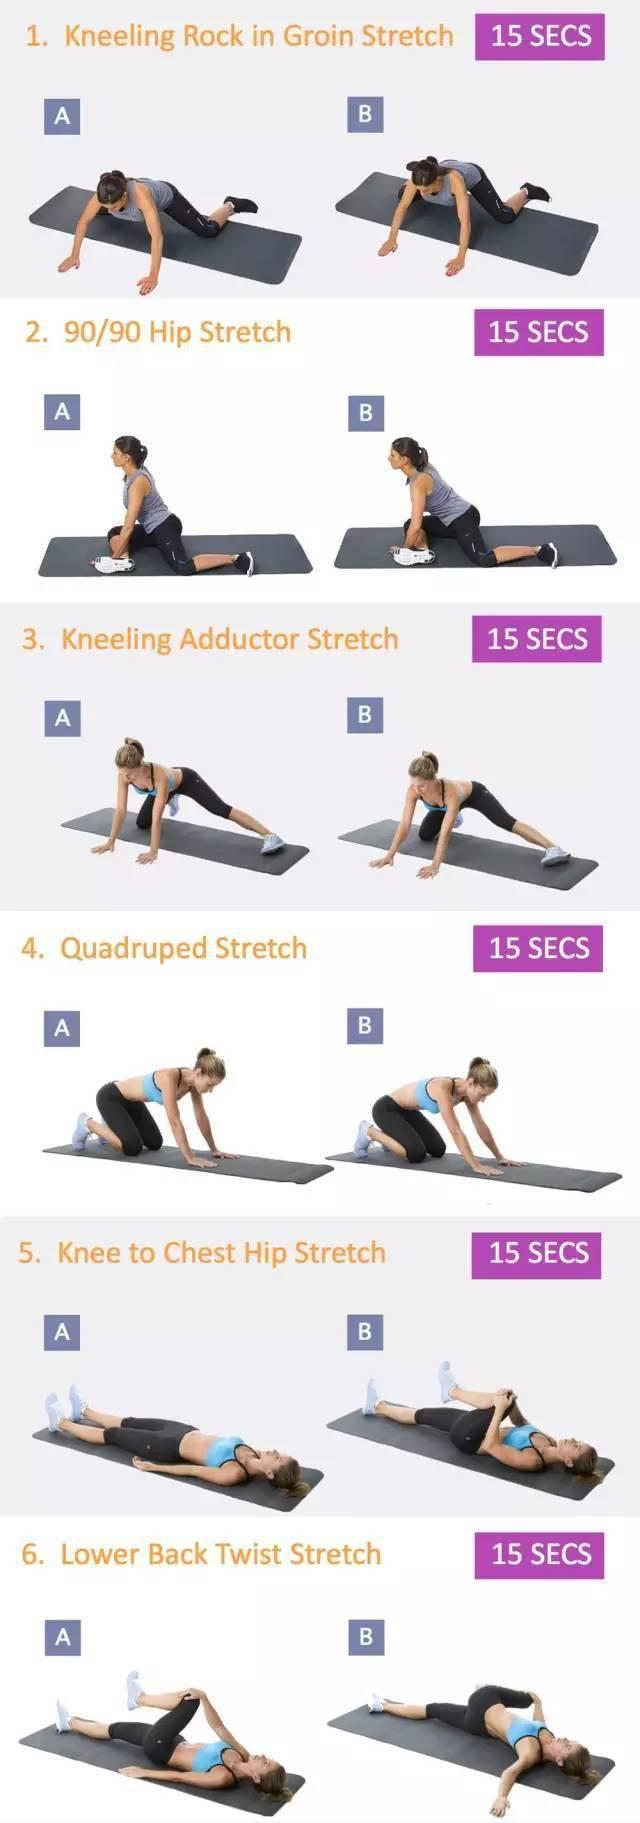 跑步后拉伸方法,防止腿变粗,撸成大长腿!